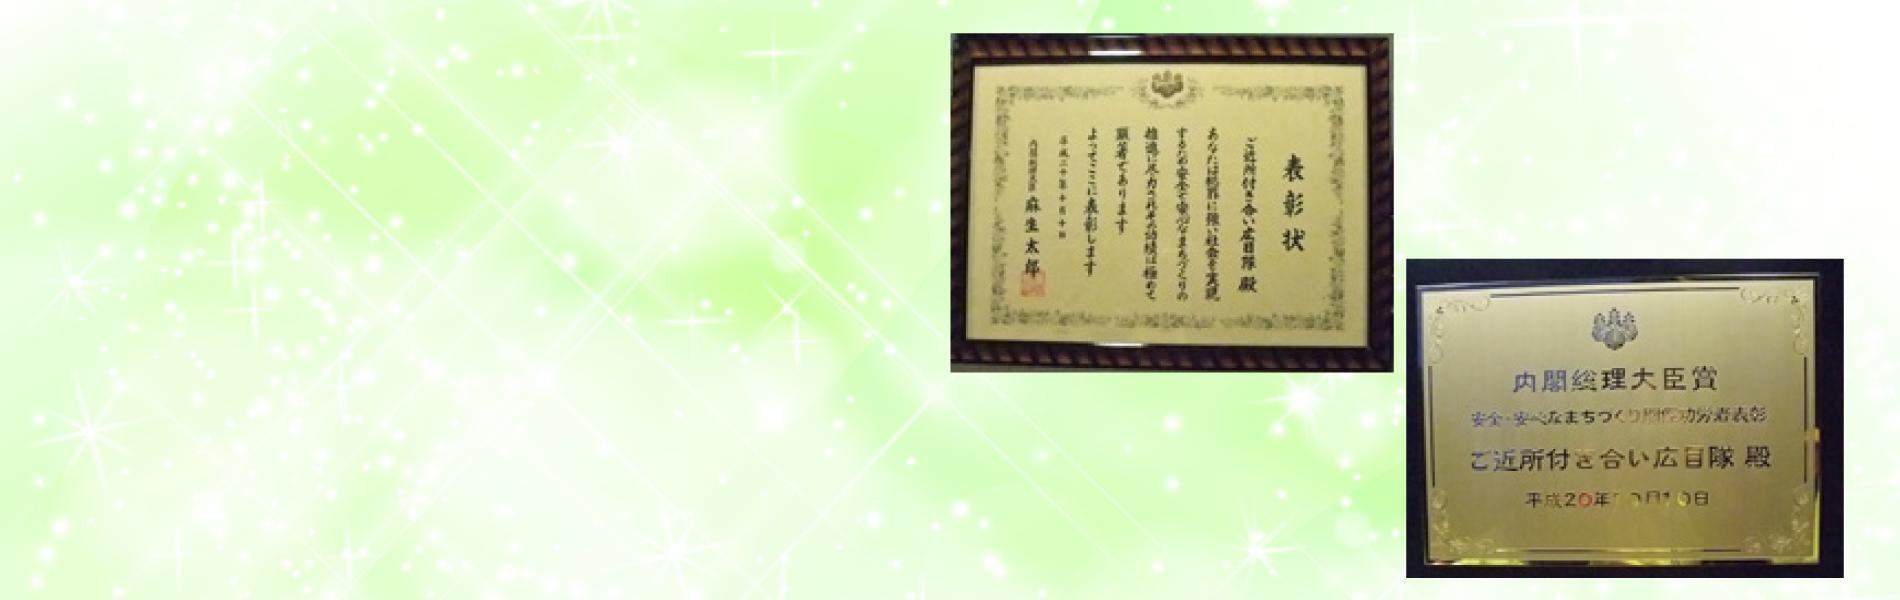 内閣総理大臣賞受賞